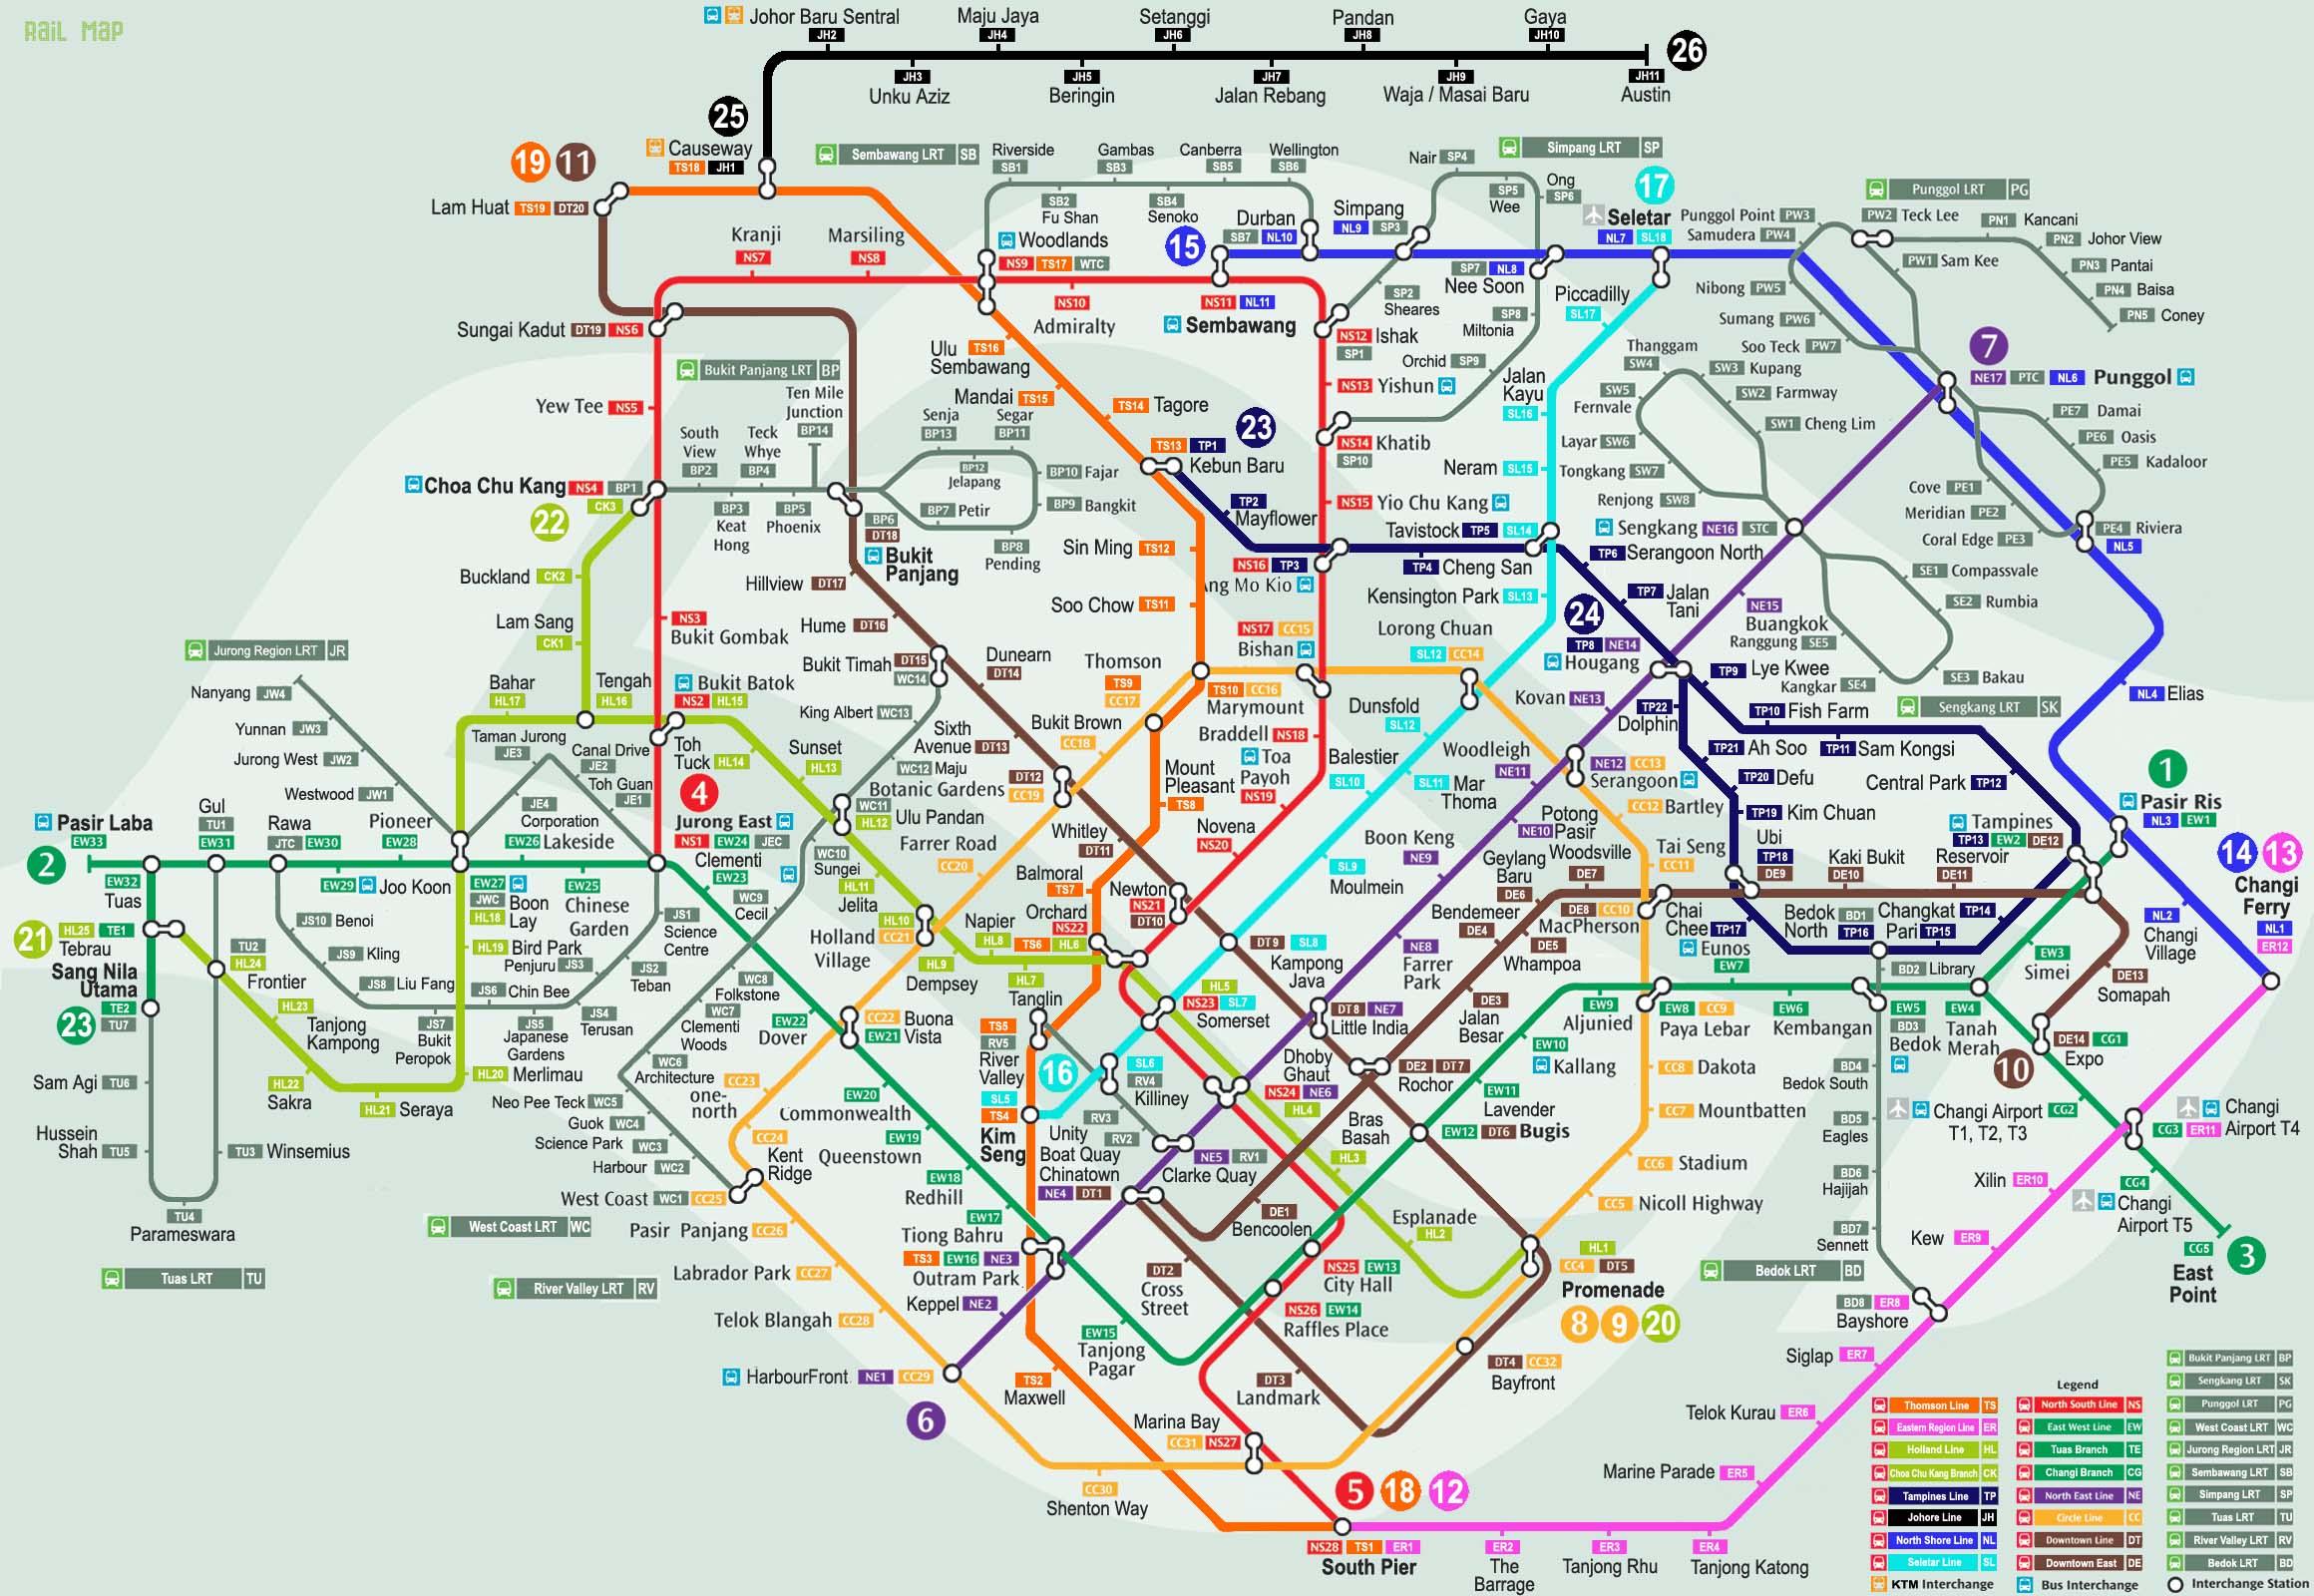 シンガポールMRT路線図